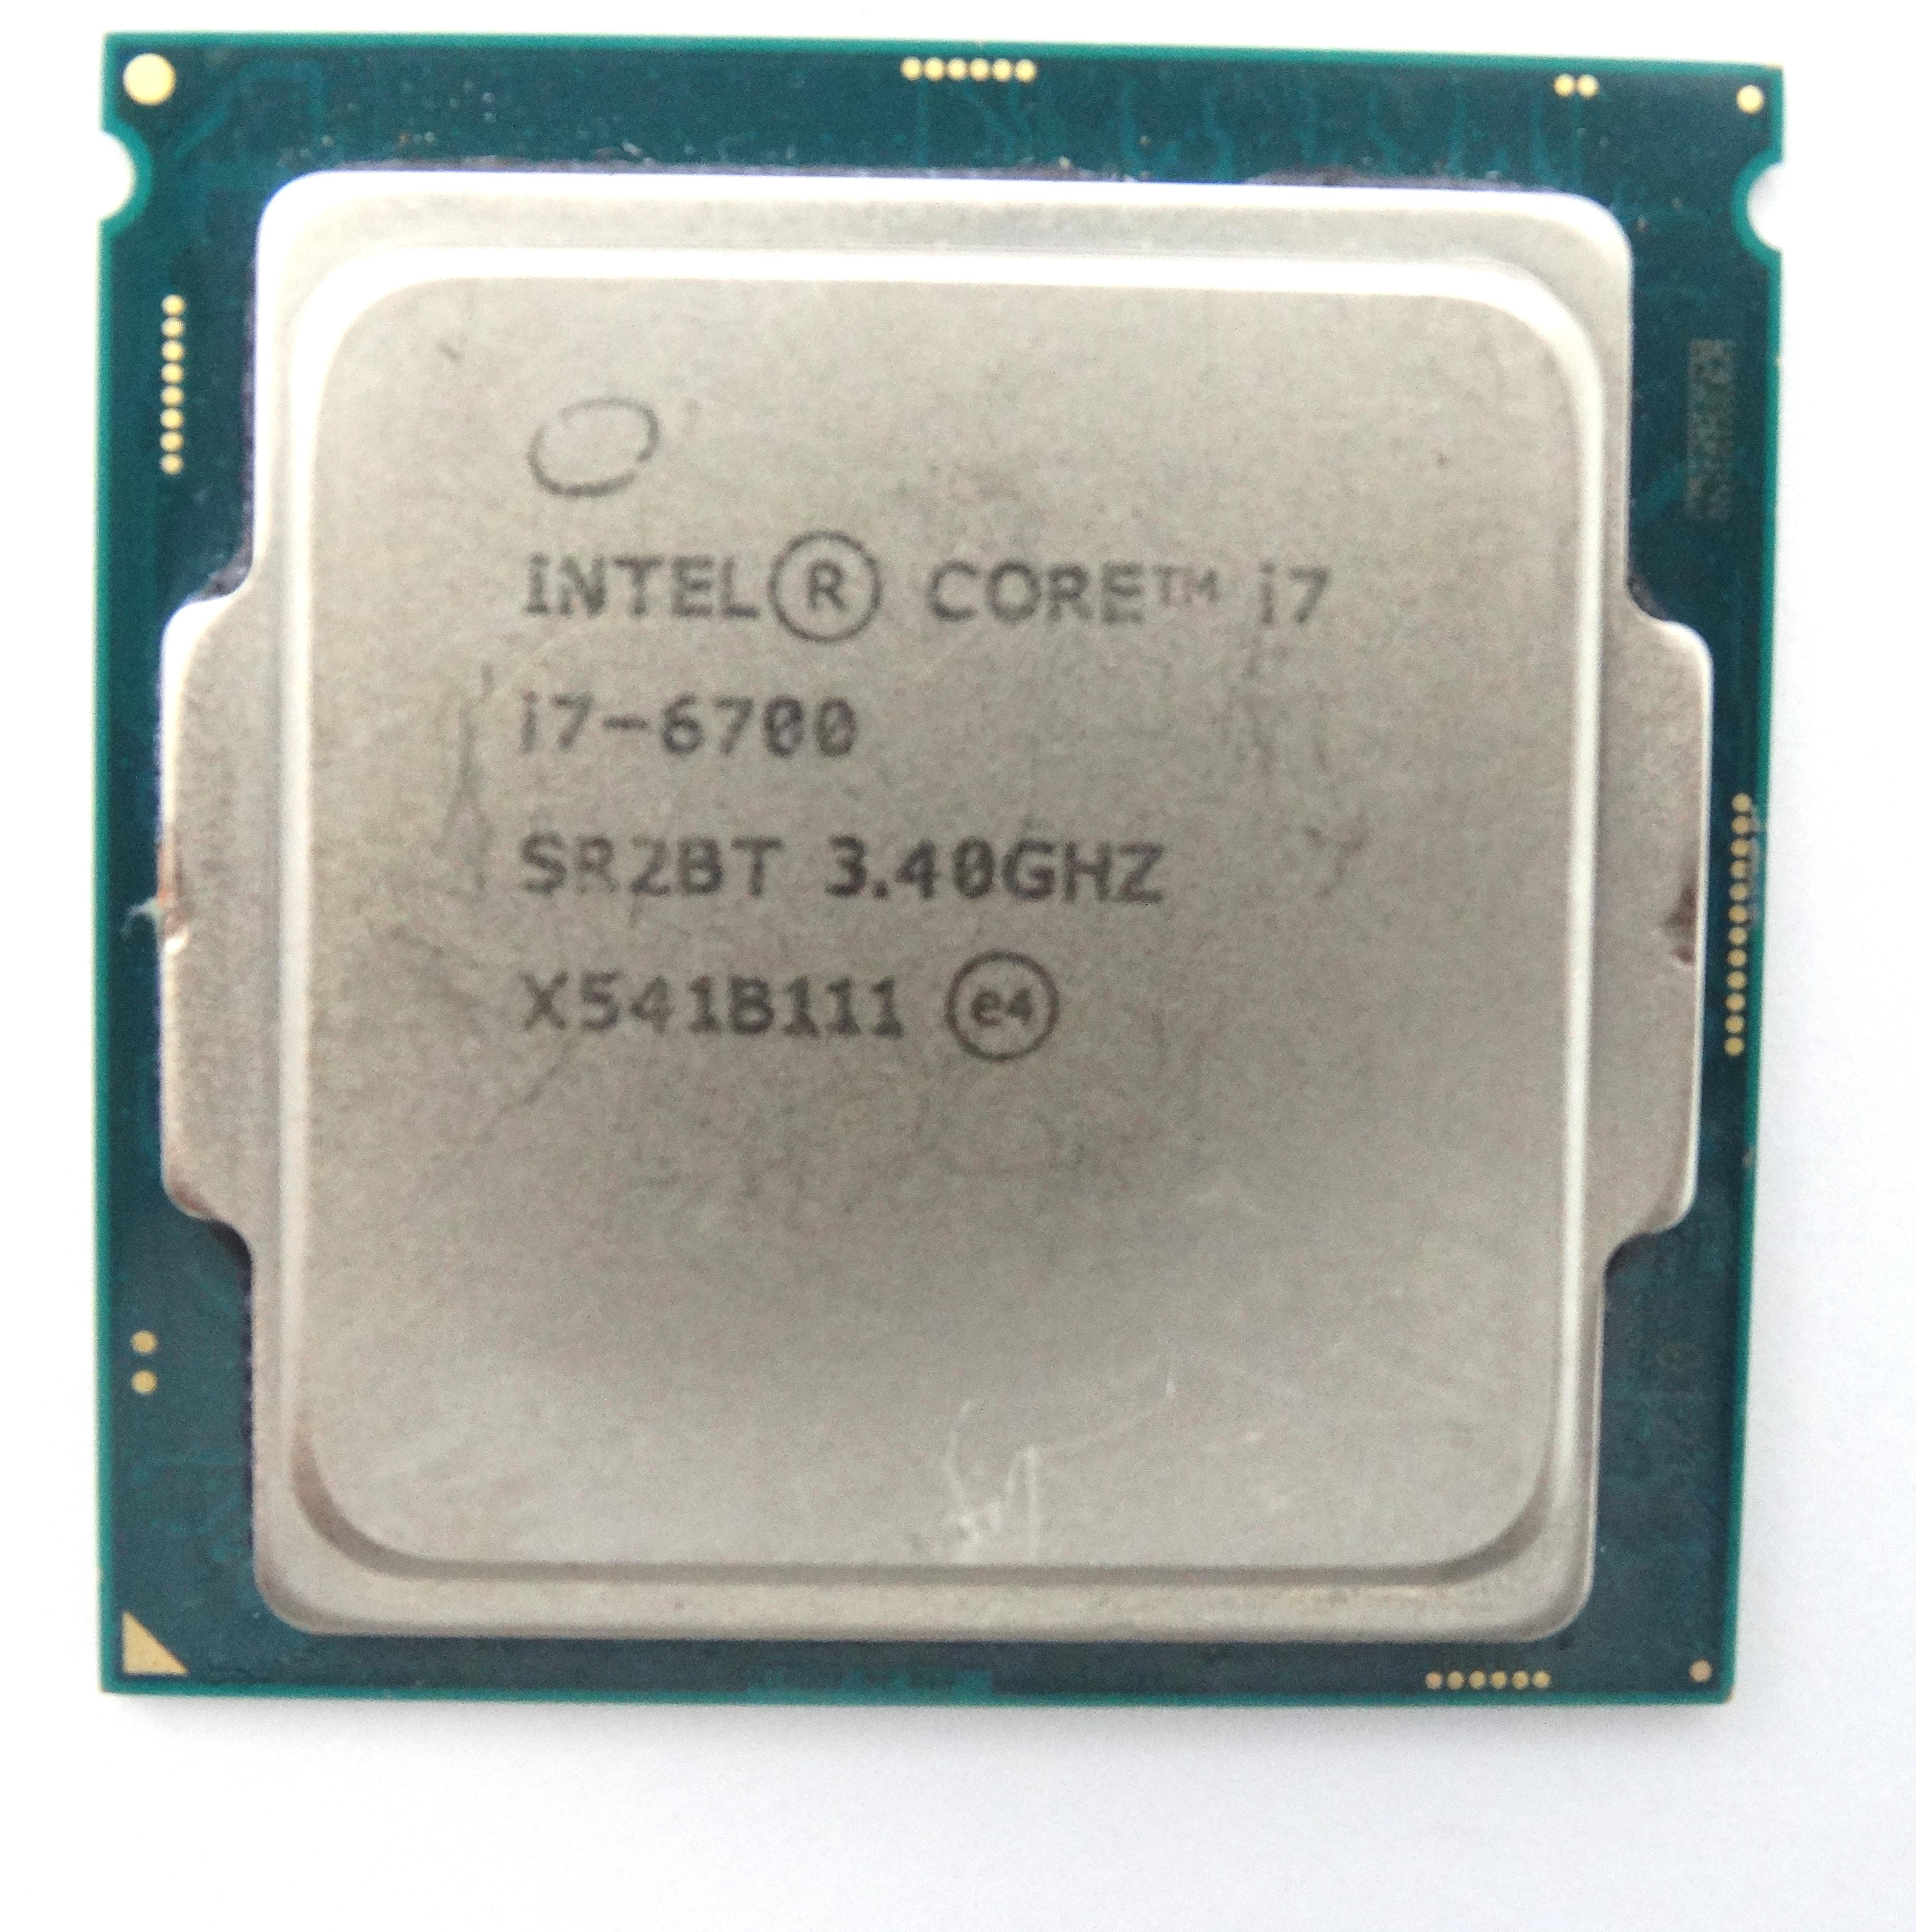 Intel Core I7-6700 3.4GHz 4Core 8Mb LGA1151 Processor (SR2BT)